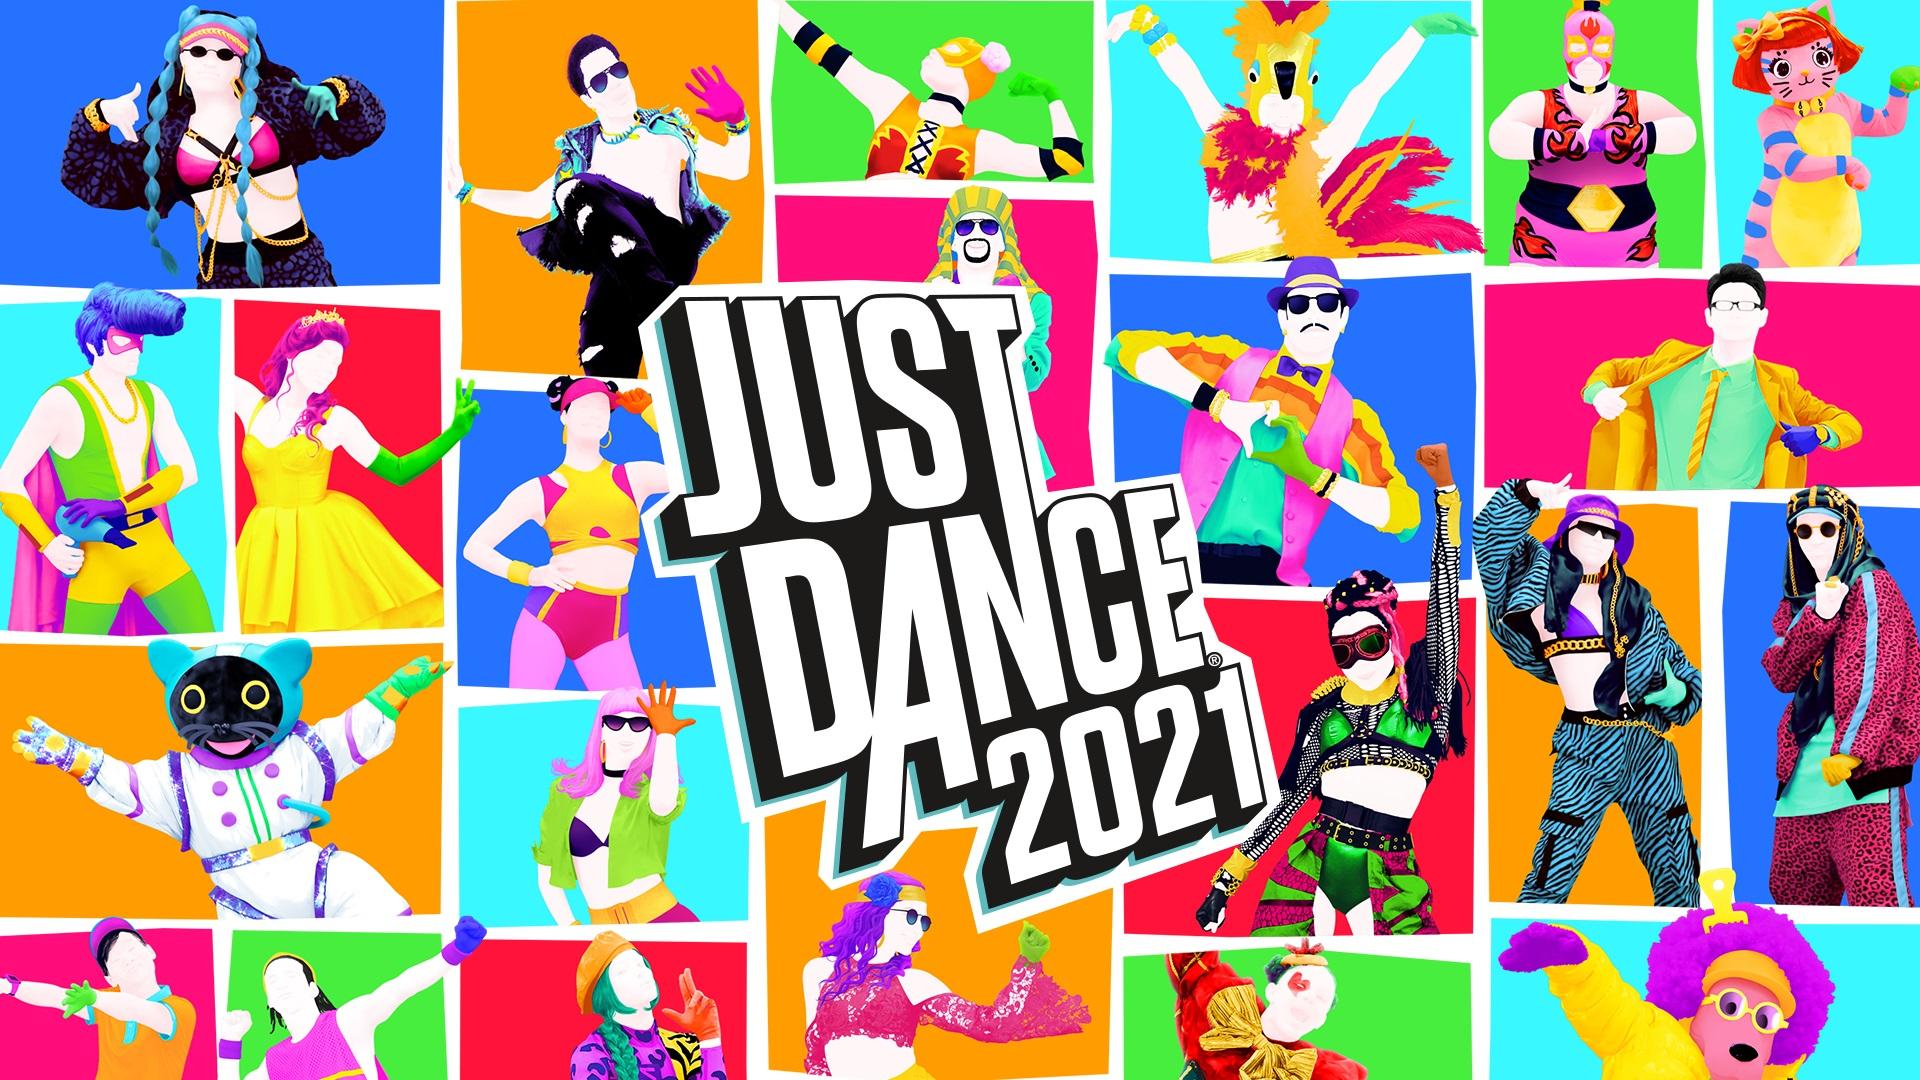 Bus 2021 dance